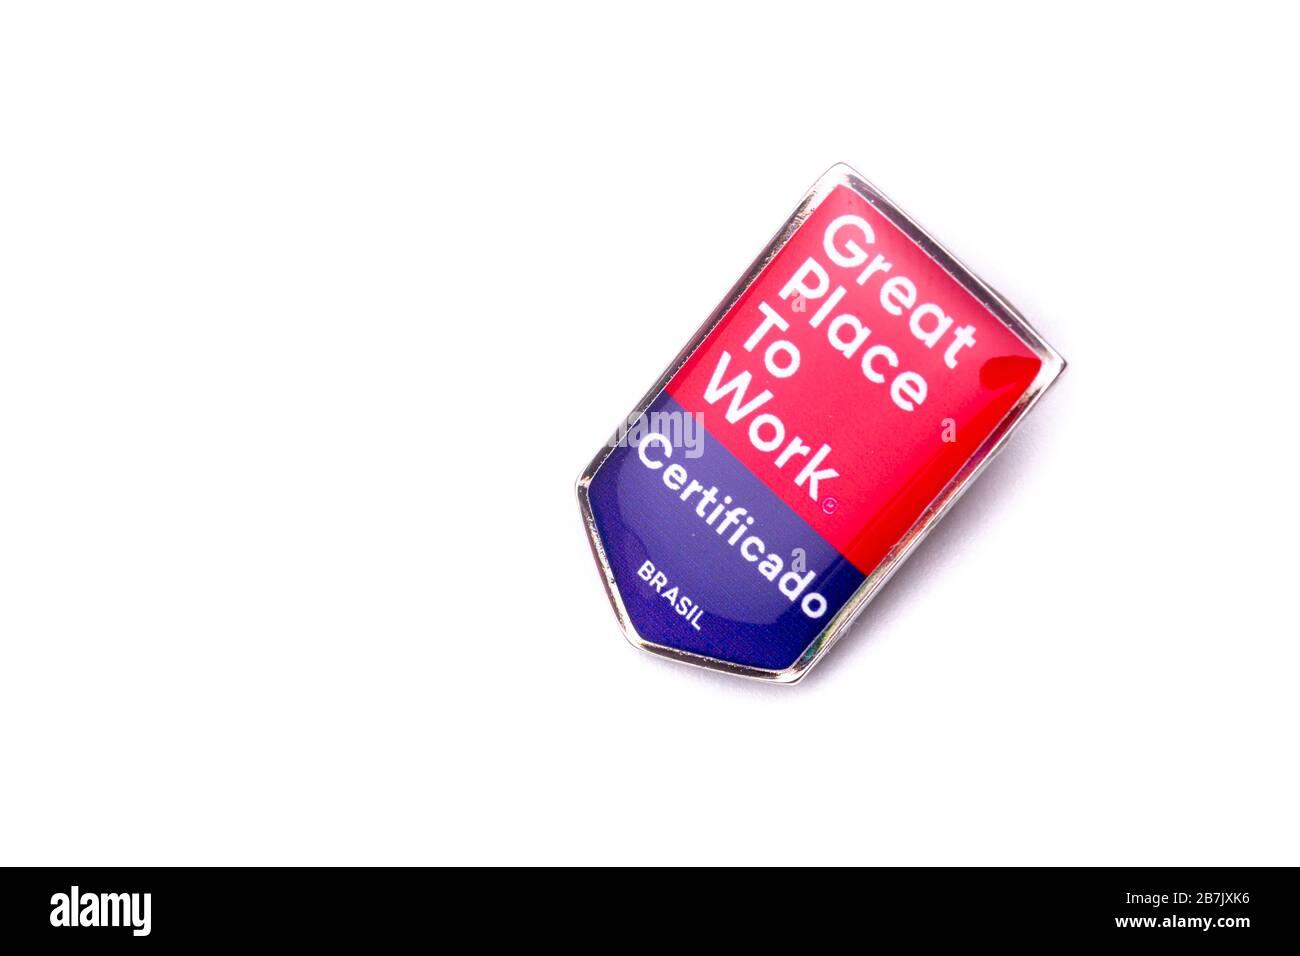 """Mit dem Text """"Great Place"""" können Sie an einer roten und blauen Reflexionsfläche auf weißem Hintergrund arbeiten. ÜBERSETZUNG: """"ZERTIFIZIERT. BRASILIEN' Stockfoto"""